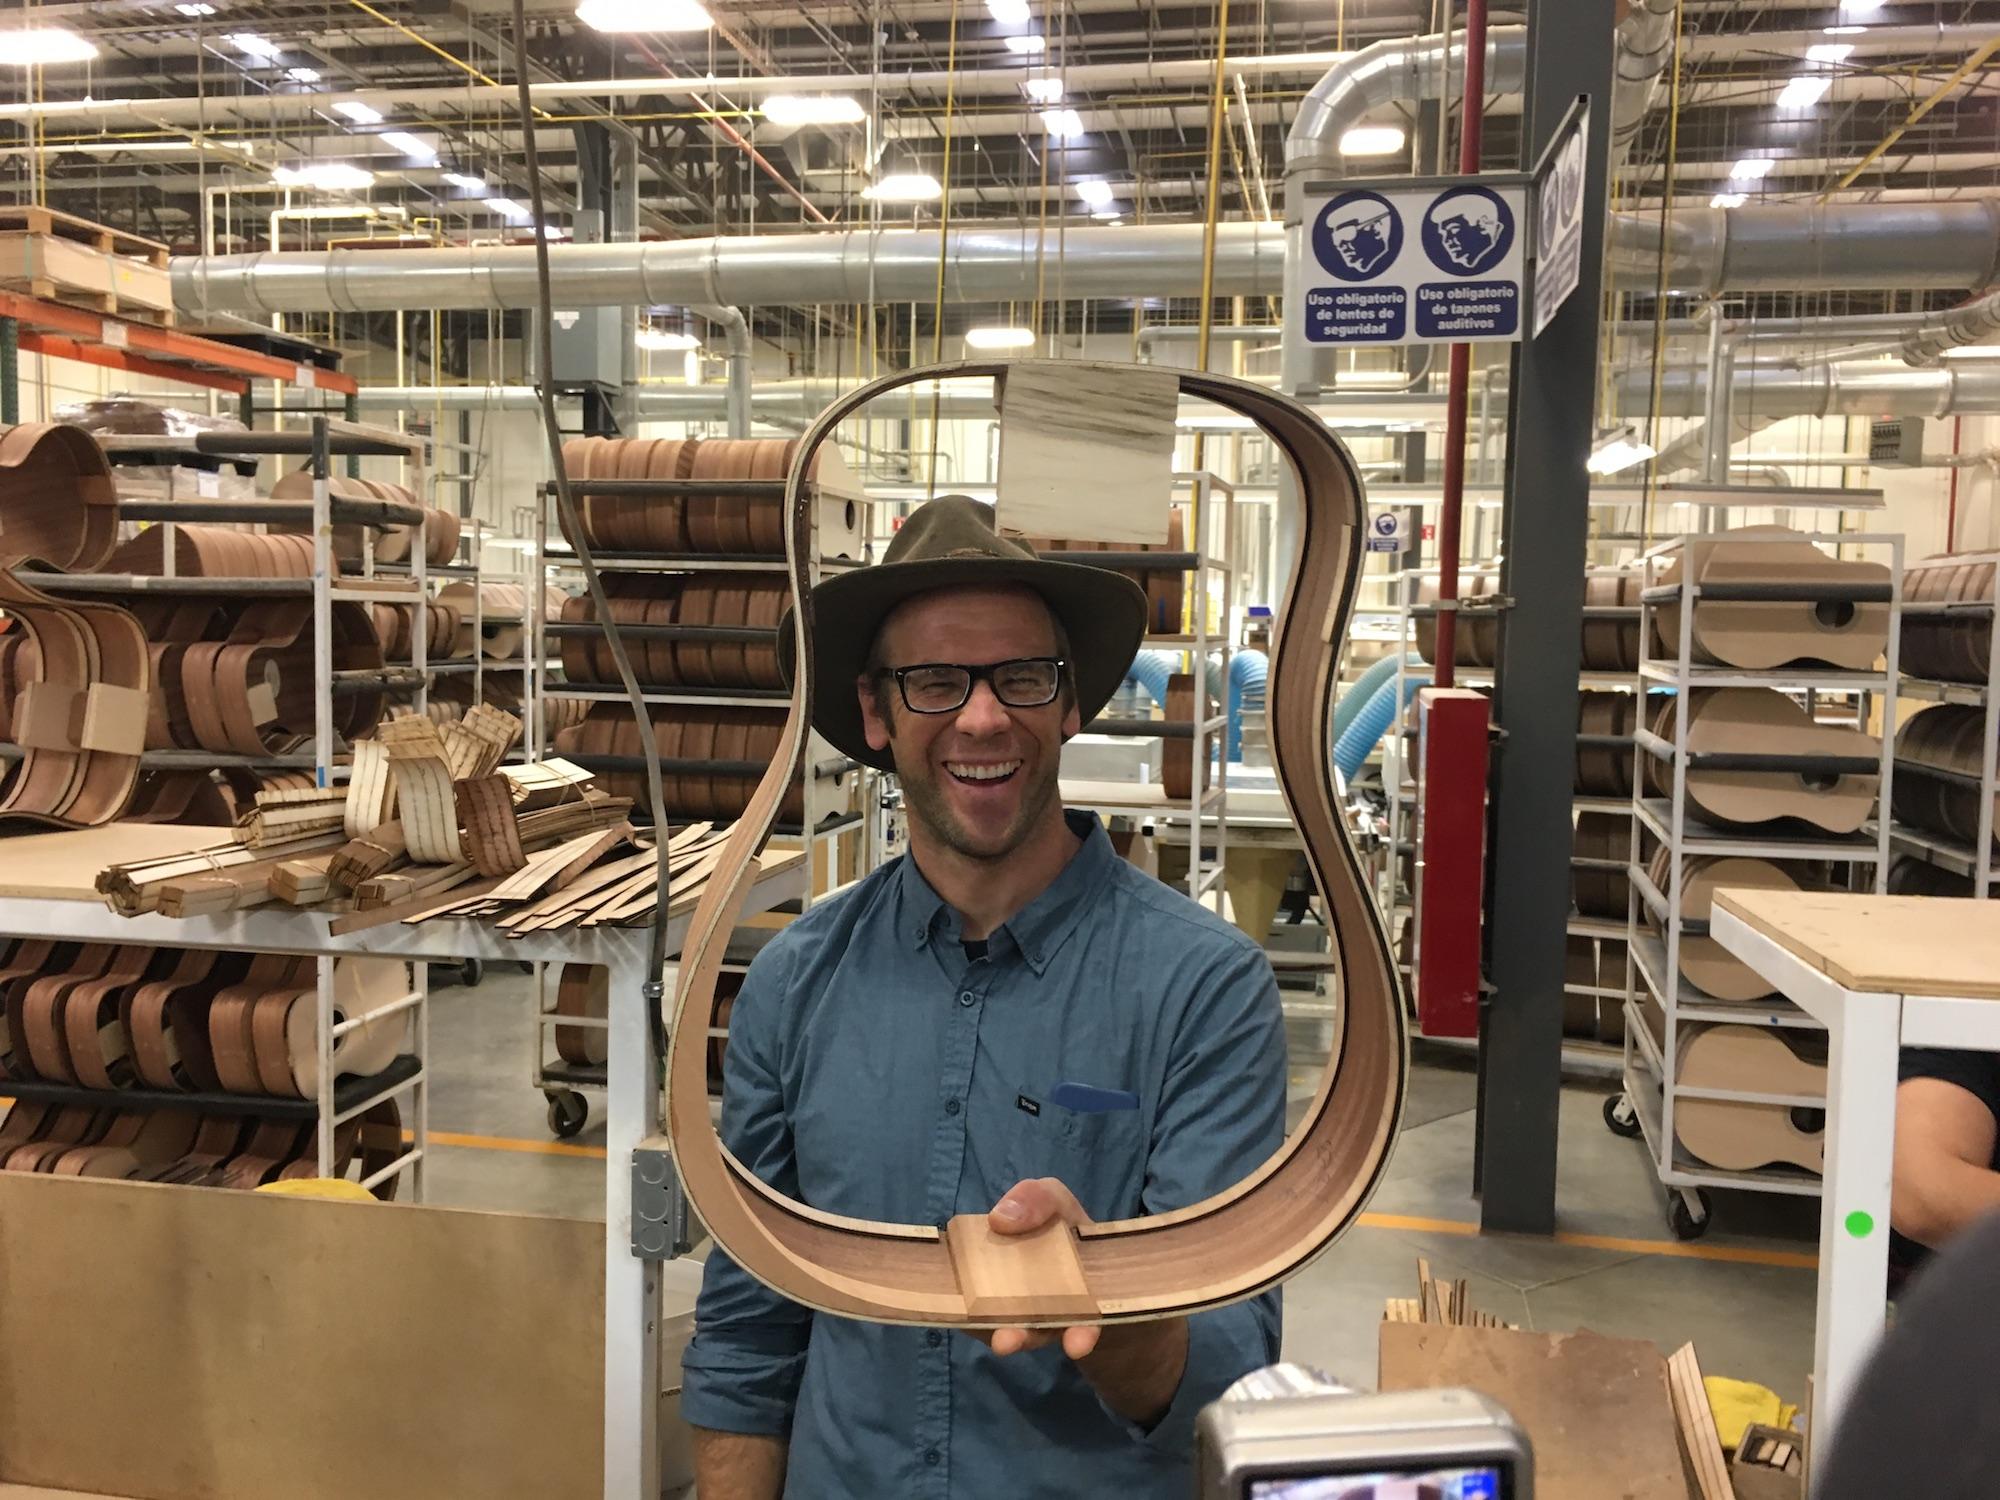 Visite usine guitare - Taylor Guitars au Mexique (Tecate) avec Andy Powers